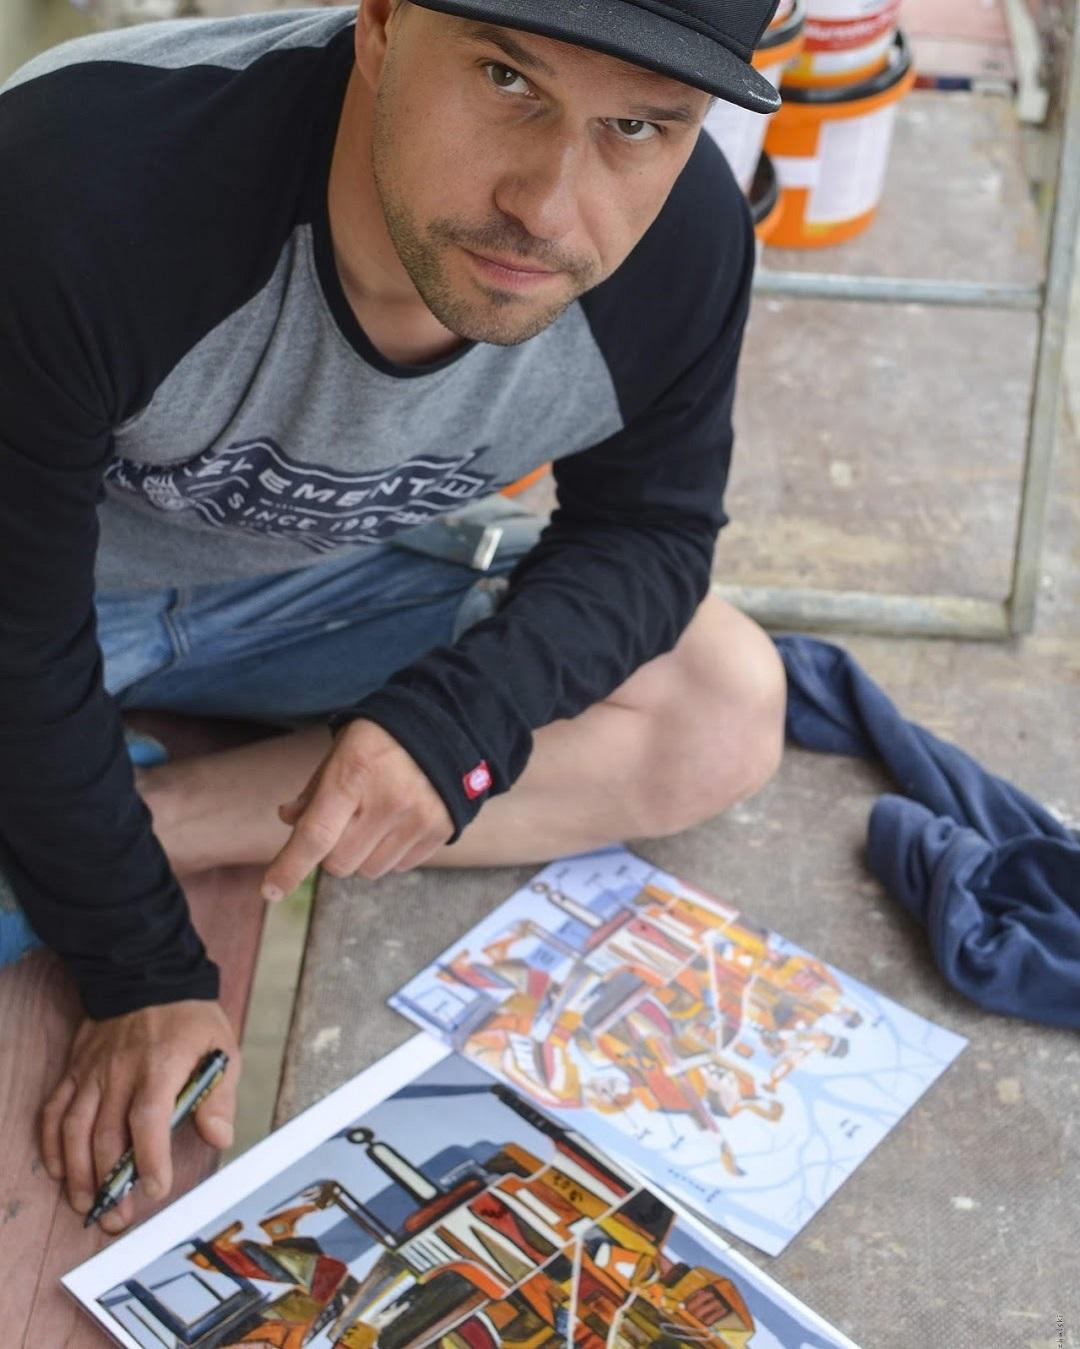 brewka-mural-muzykanci-kalisz-projekt